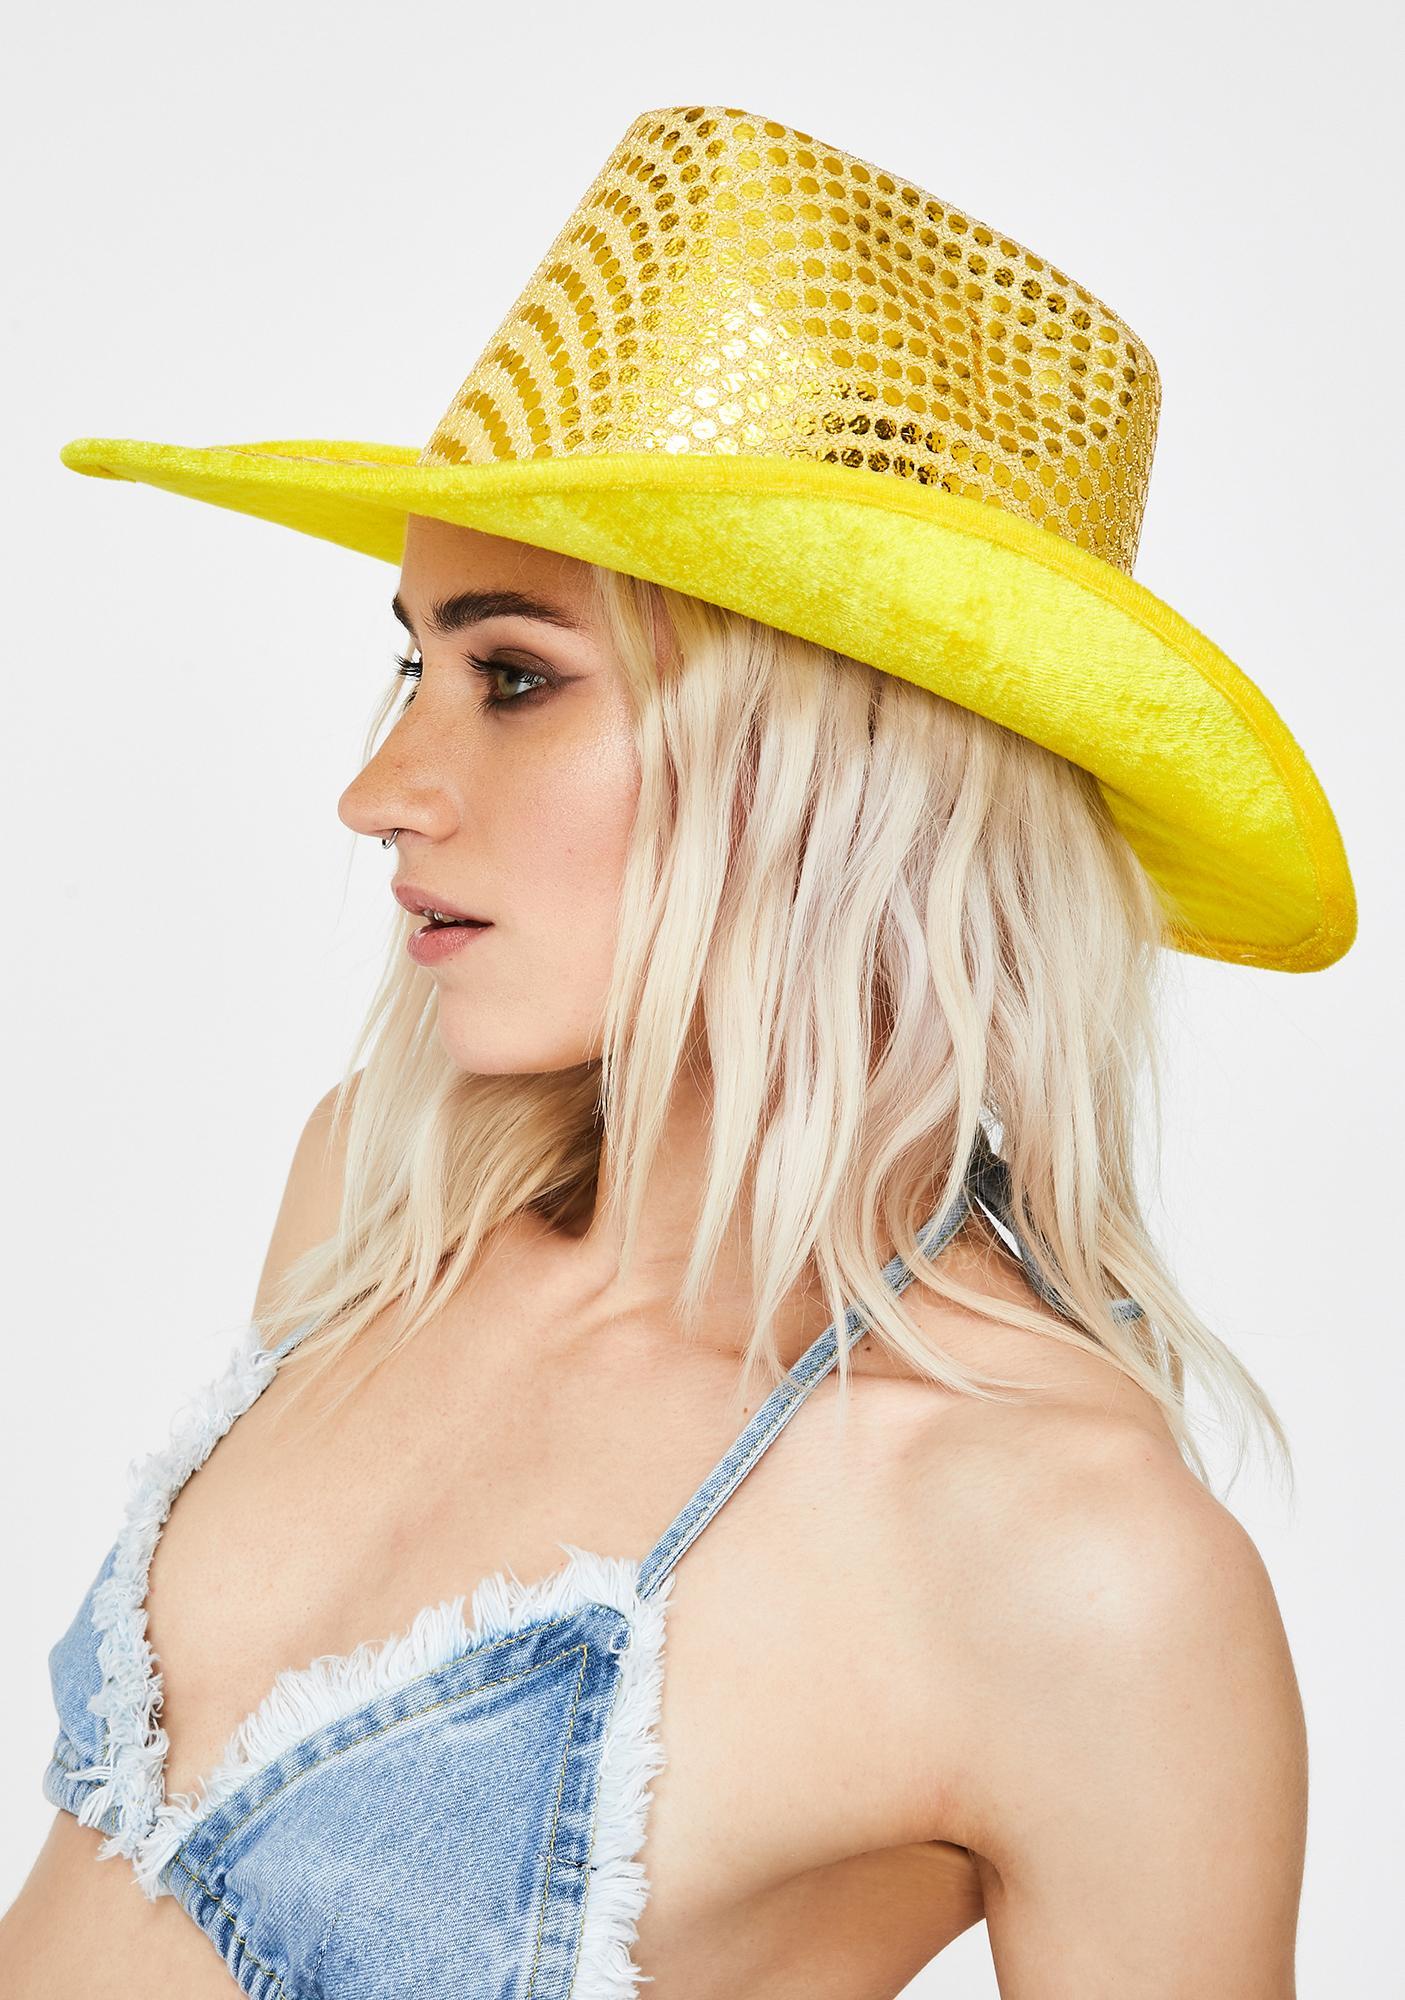 Good Times Eyewear Yellow Space Cowboy Hat